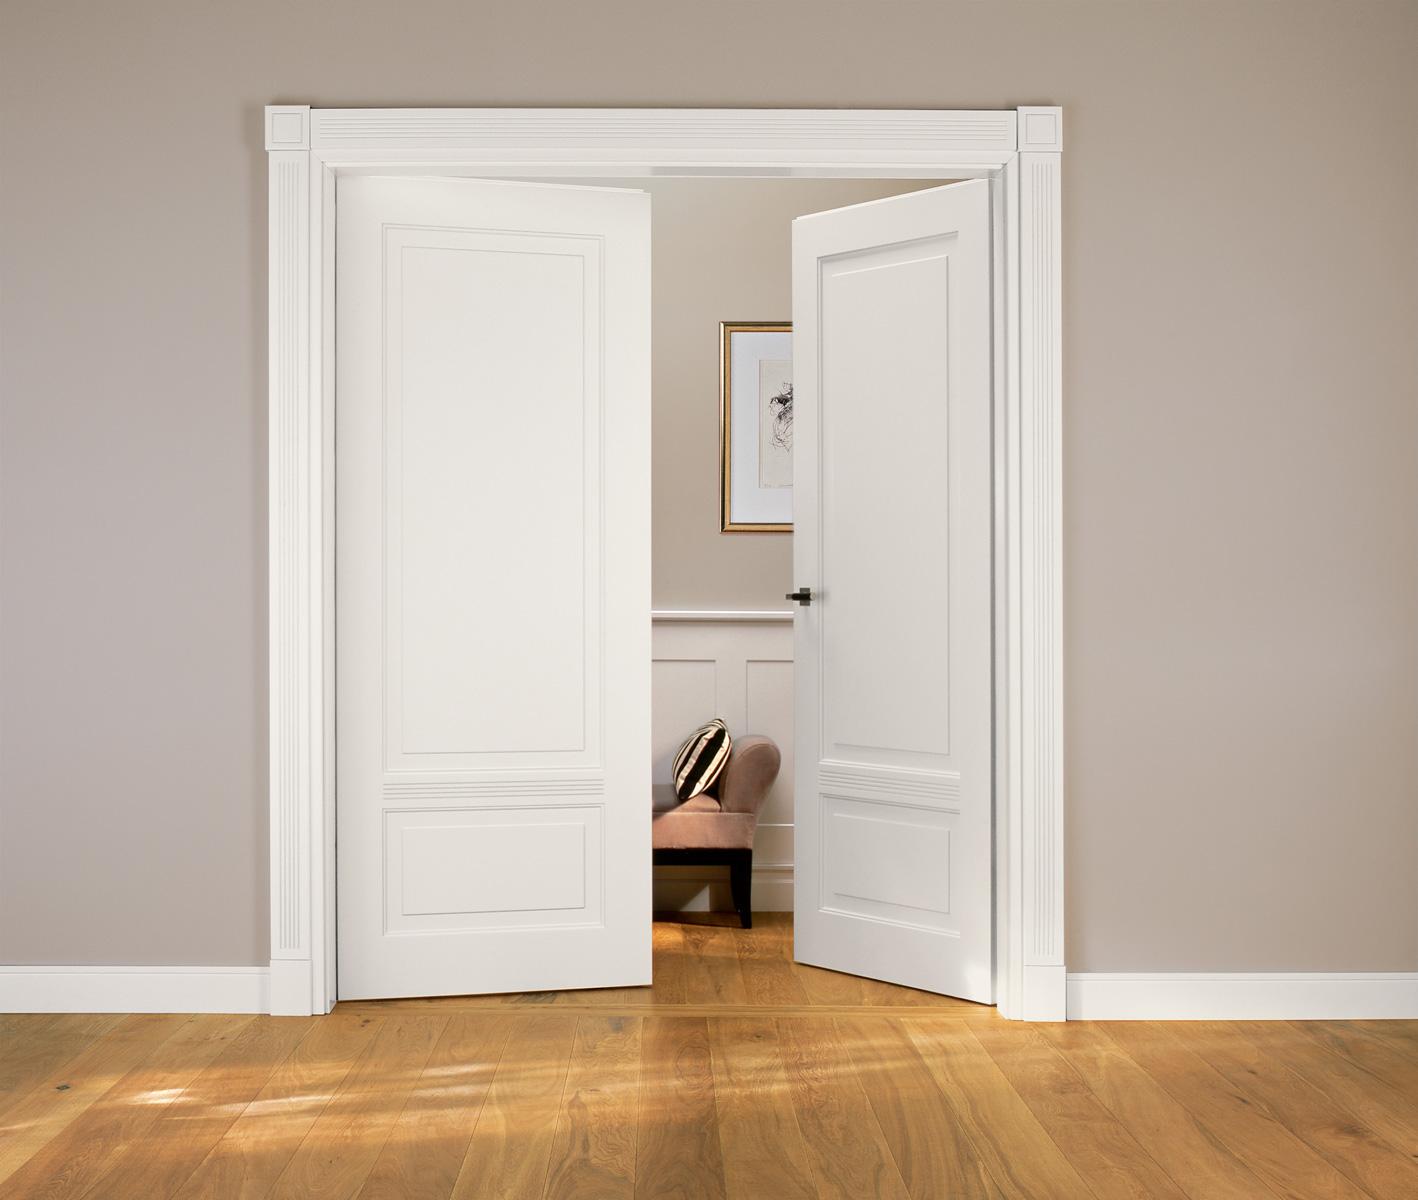 bulthaup im werkhaus werkhaus magazin. Black Bedroom Furniture Sets. Home Design Ideas